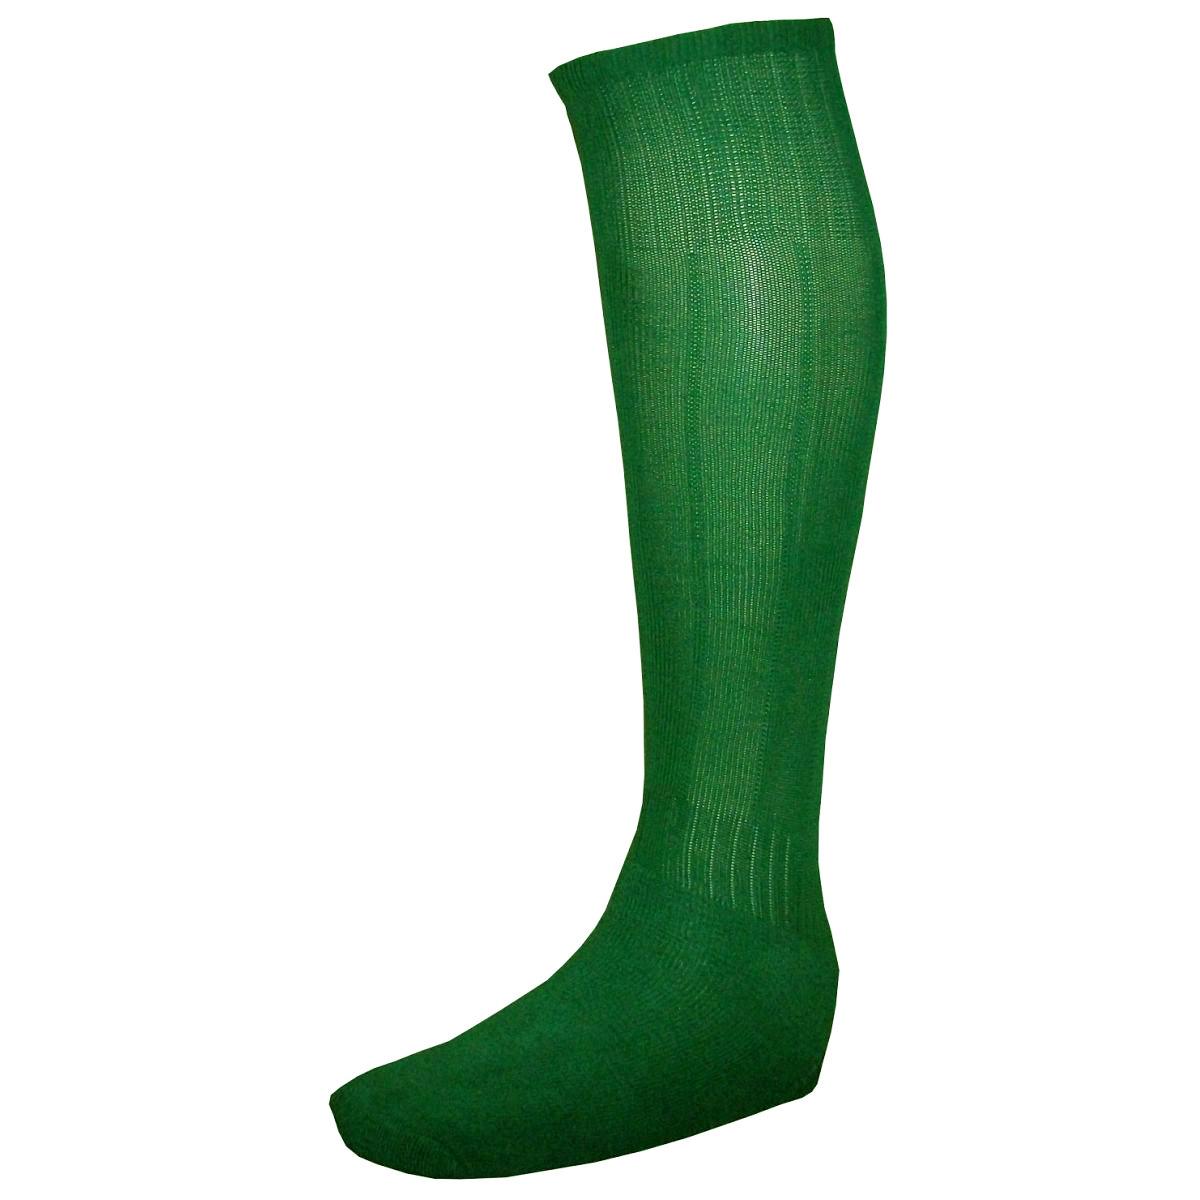 Fardamento Completo modelo Columbus 18+2 (18 Camisas Verde/Branco + 18 Calções Madrid Verde + 18 Pares de Meiões Verdes + 2 Conjuntos de Goleiro) + Brindes